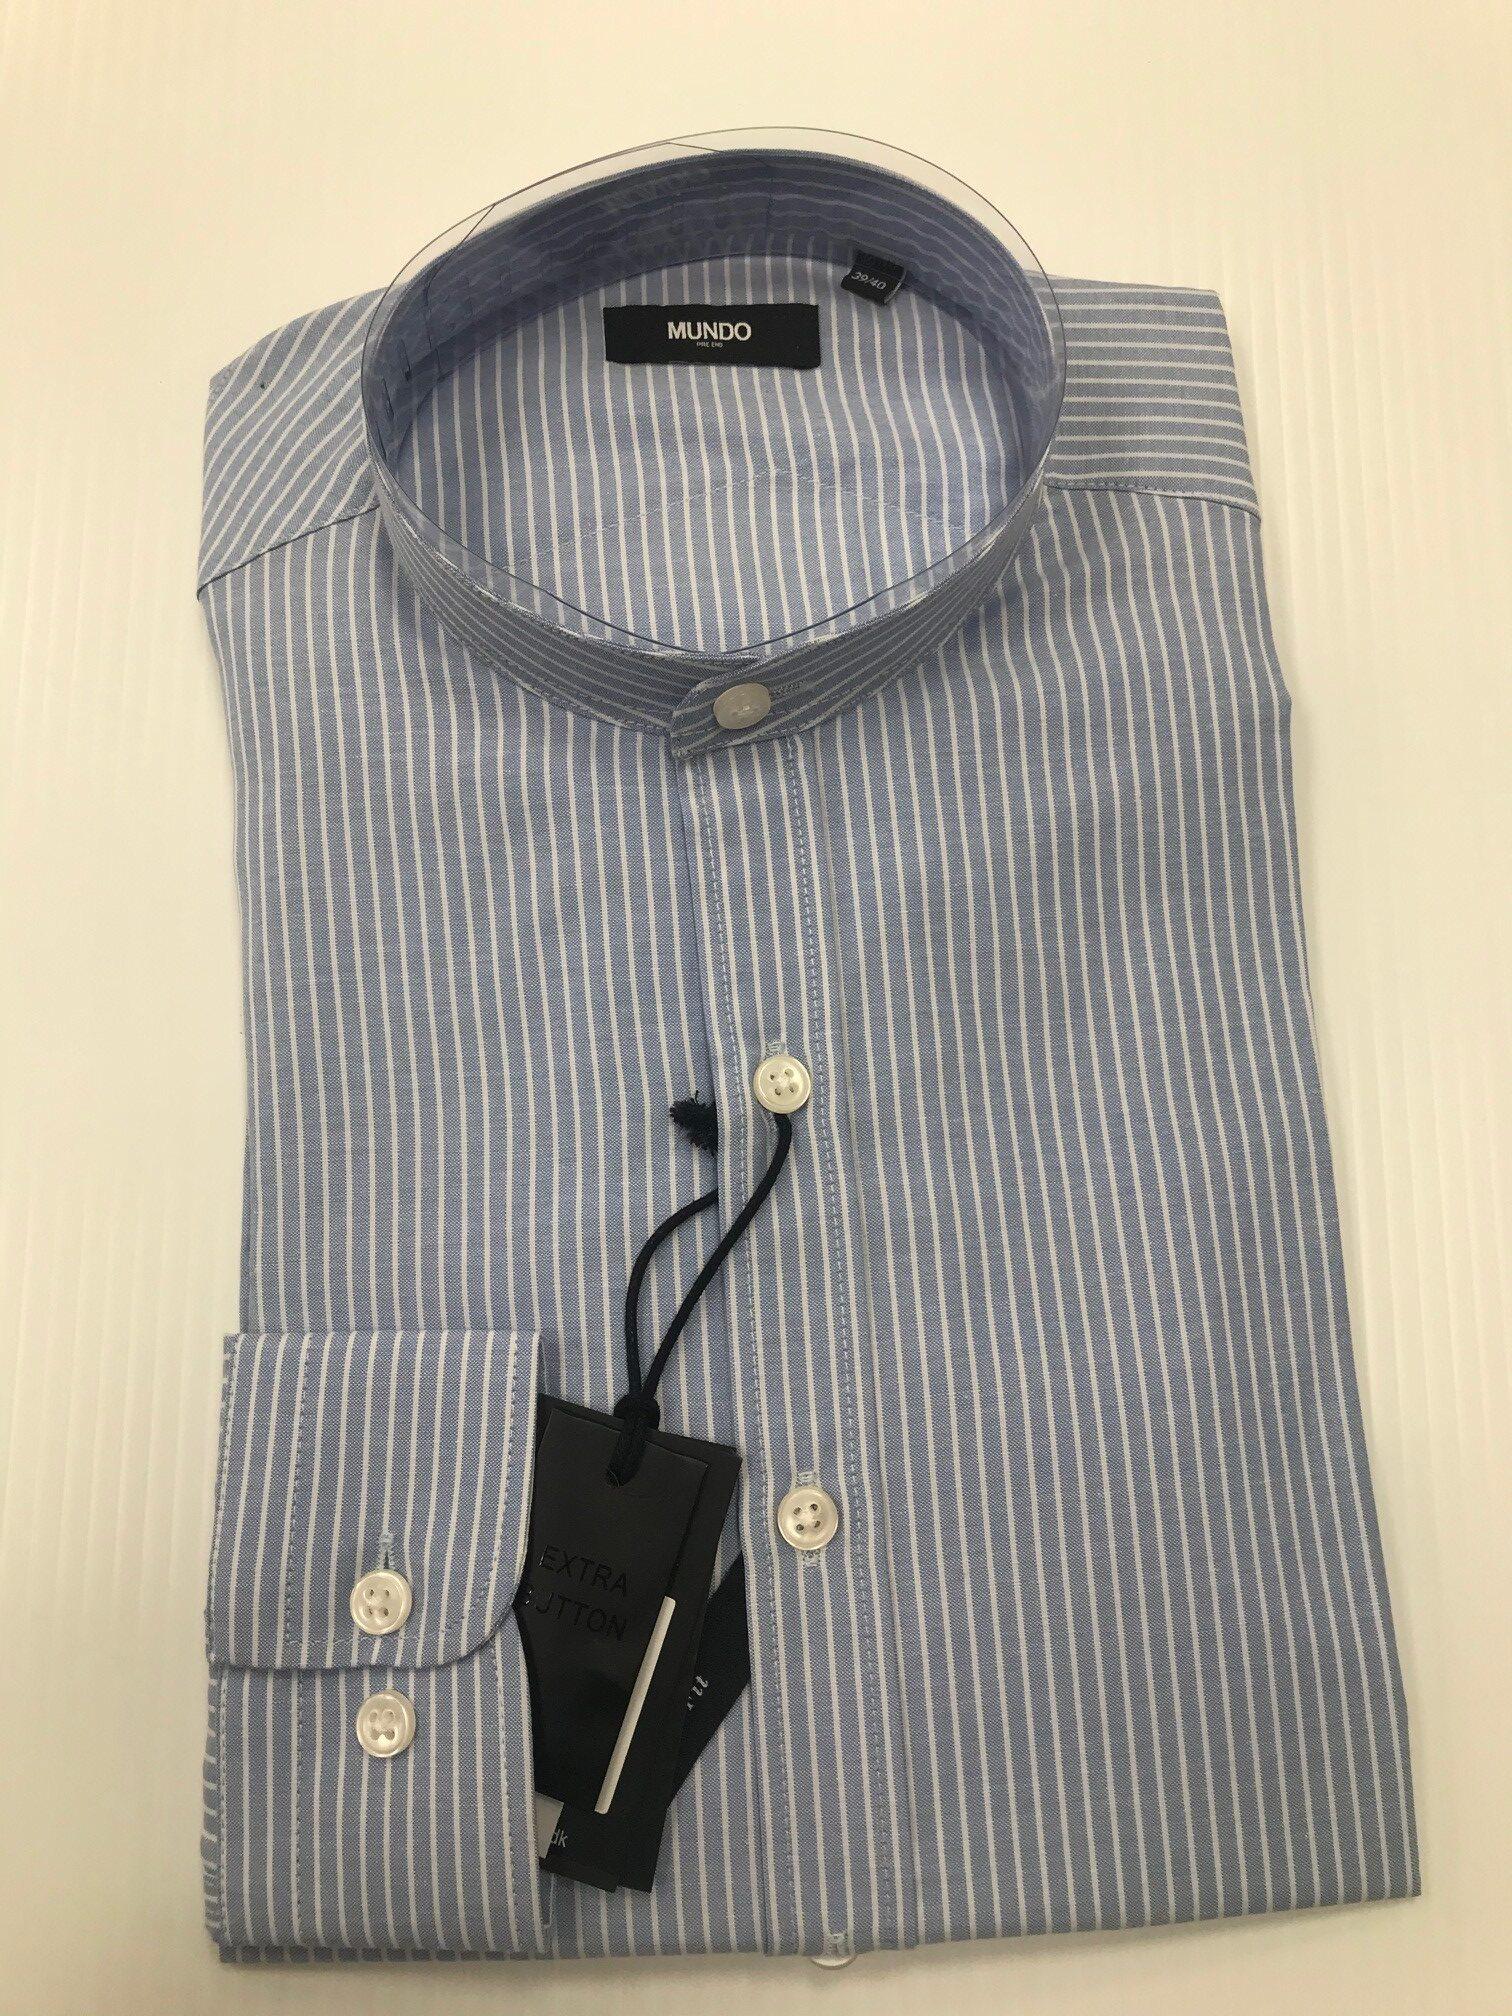 Mundo | Grandfather Shirt